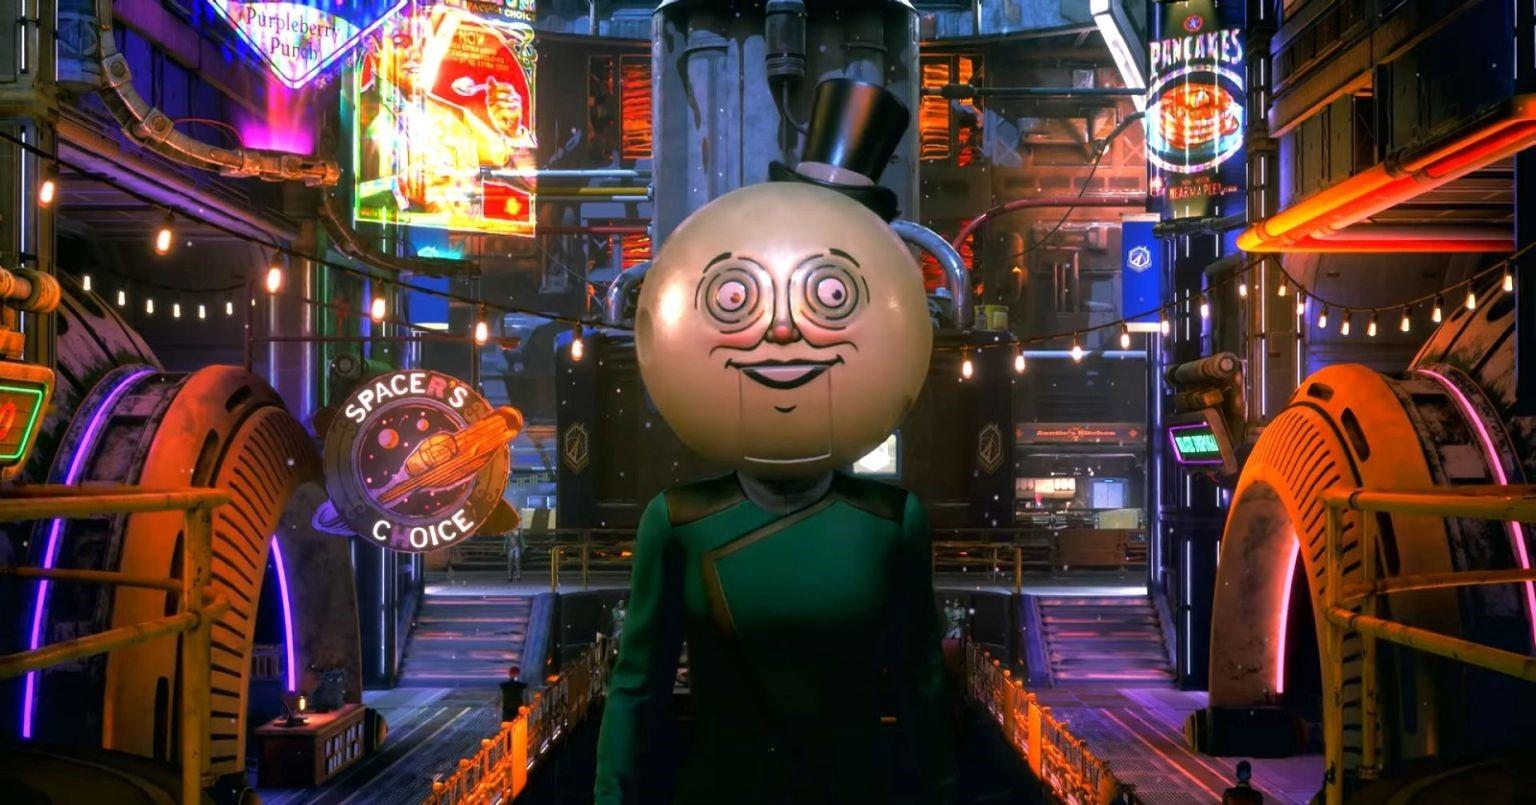 Новая распродажа вмагазине GOG. Участвуют игры S.T.A.L.K.E.R., Outlast, The Outer Worlds имногие другие